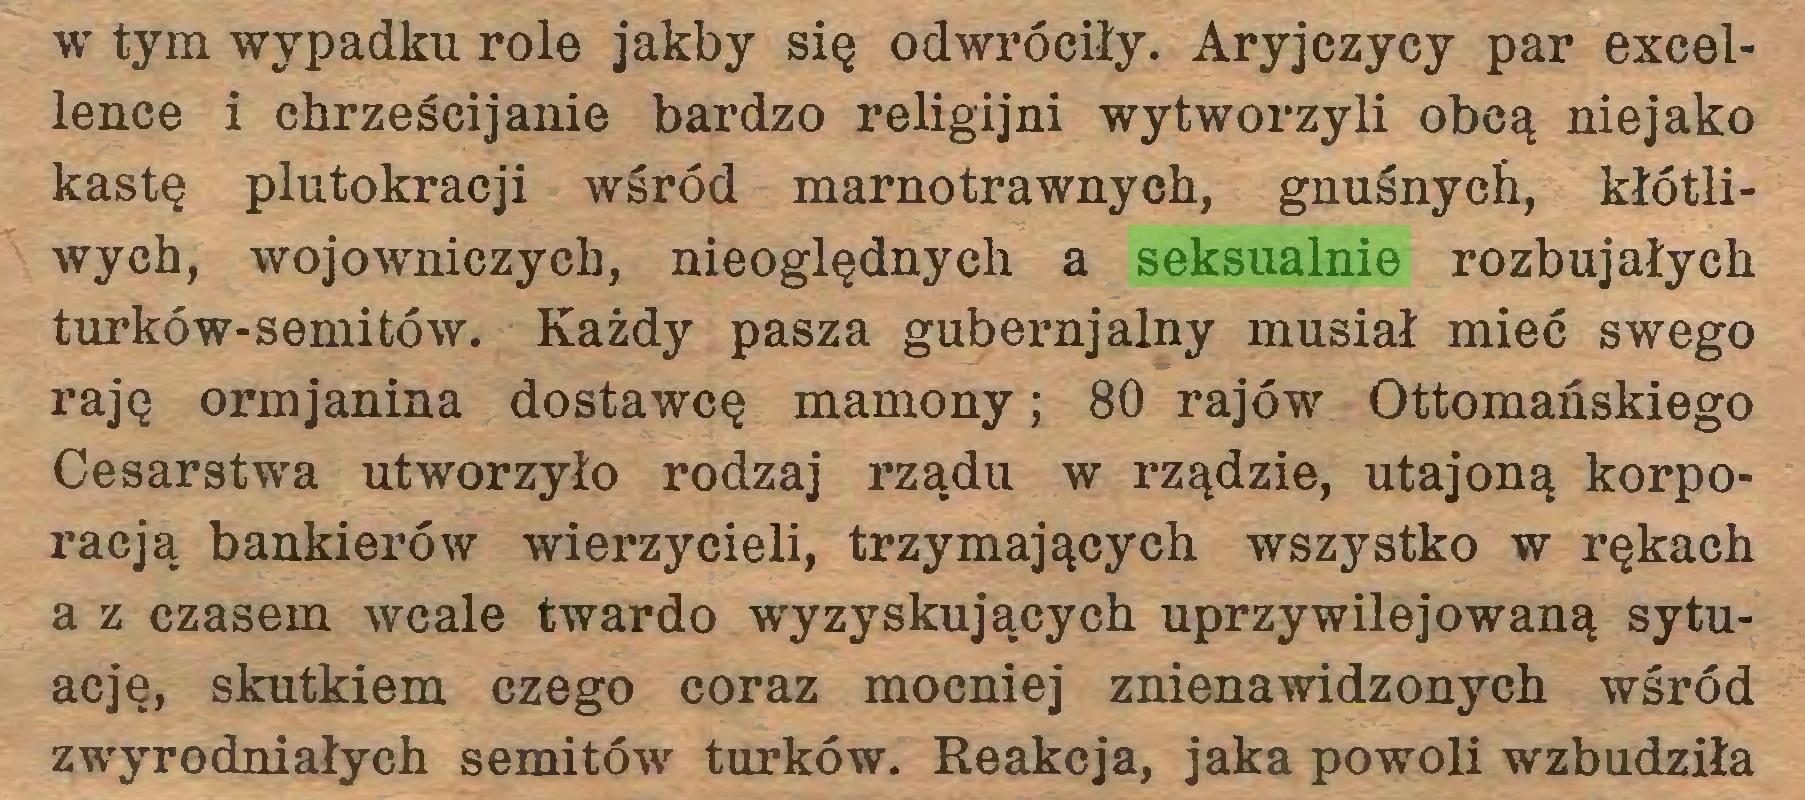 (...) w tym wypadku role jakby się odwróciły. Aryjczycy par excellence i chrześcijanie bardzo religijni wytworzyli obcą niejako kastę plutokracji wśród marnotrawnych, gnuśnych, kłótliwych, wojowniczych, nieoględnych a seksualnie rozbujałych turków-semitów. Każdy pasza gubernjalny musiał mieć swego raję ormjanina dostawcę mamony; 80 rajów Ottomańskiego Cesarstwa utworzyło rodzaj rządu w rządzie, utajoną korporacją bankierów wierzycieli, trzymających wszystko w rękach a z czasem wcale twardo wyzyskujących uprzywilejowaną sytuację, skutkiem czego coraz mocniej znienawidzonych wśród zwyrodniałych semitów turków. Reakcja, jaka powoli wzbudziła...